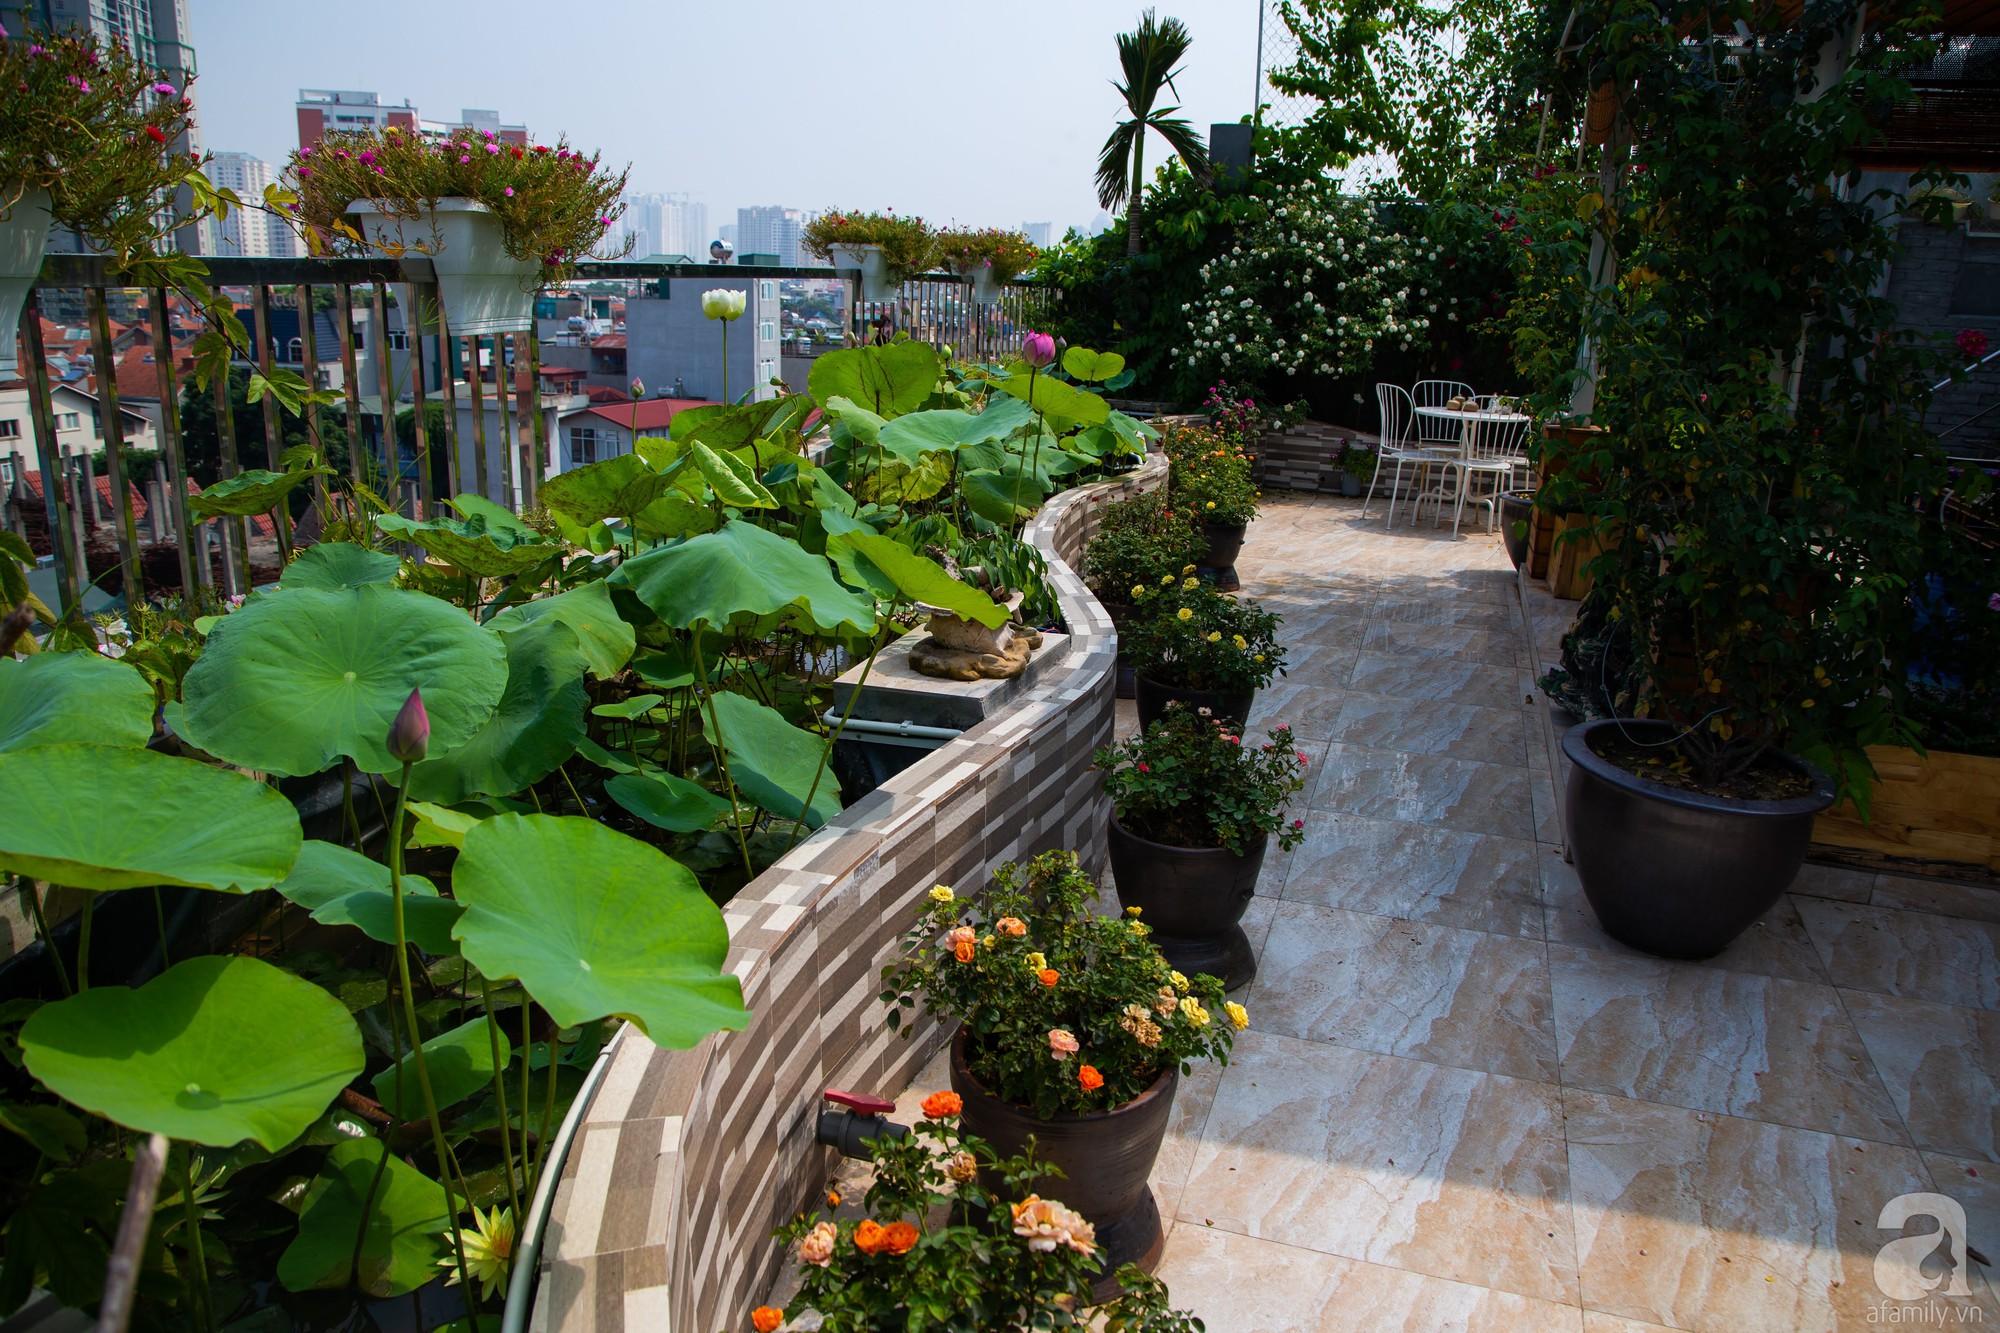 Khu vườn trên sân thượng rộng 200m² đẹp ngỡ ngàng với trăm loài hoa đua nhau khoe sắc ở Hà Nội - 12